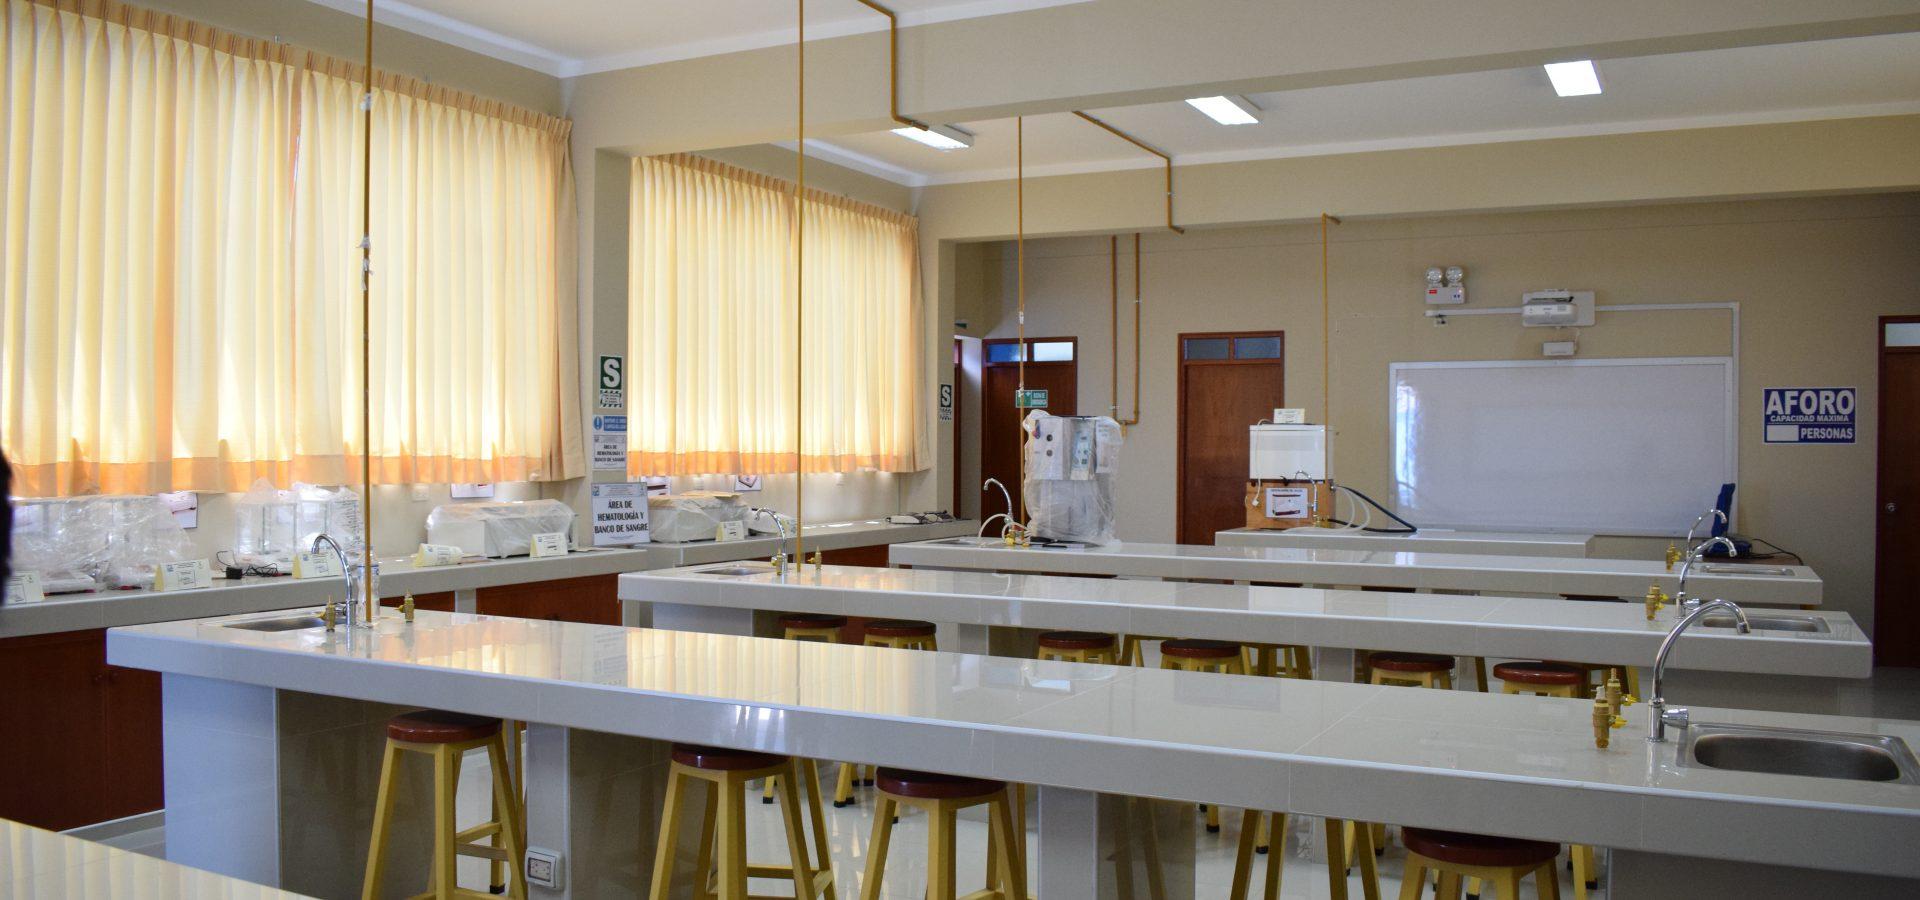 TECNOLOGÍA E INNOVACIÓN AL SERVICIO DE LA EDUCACIÓN